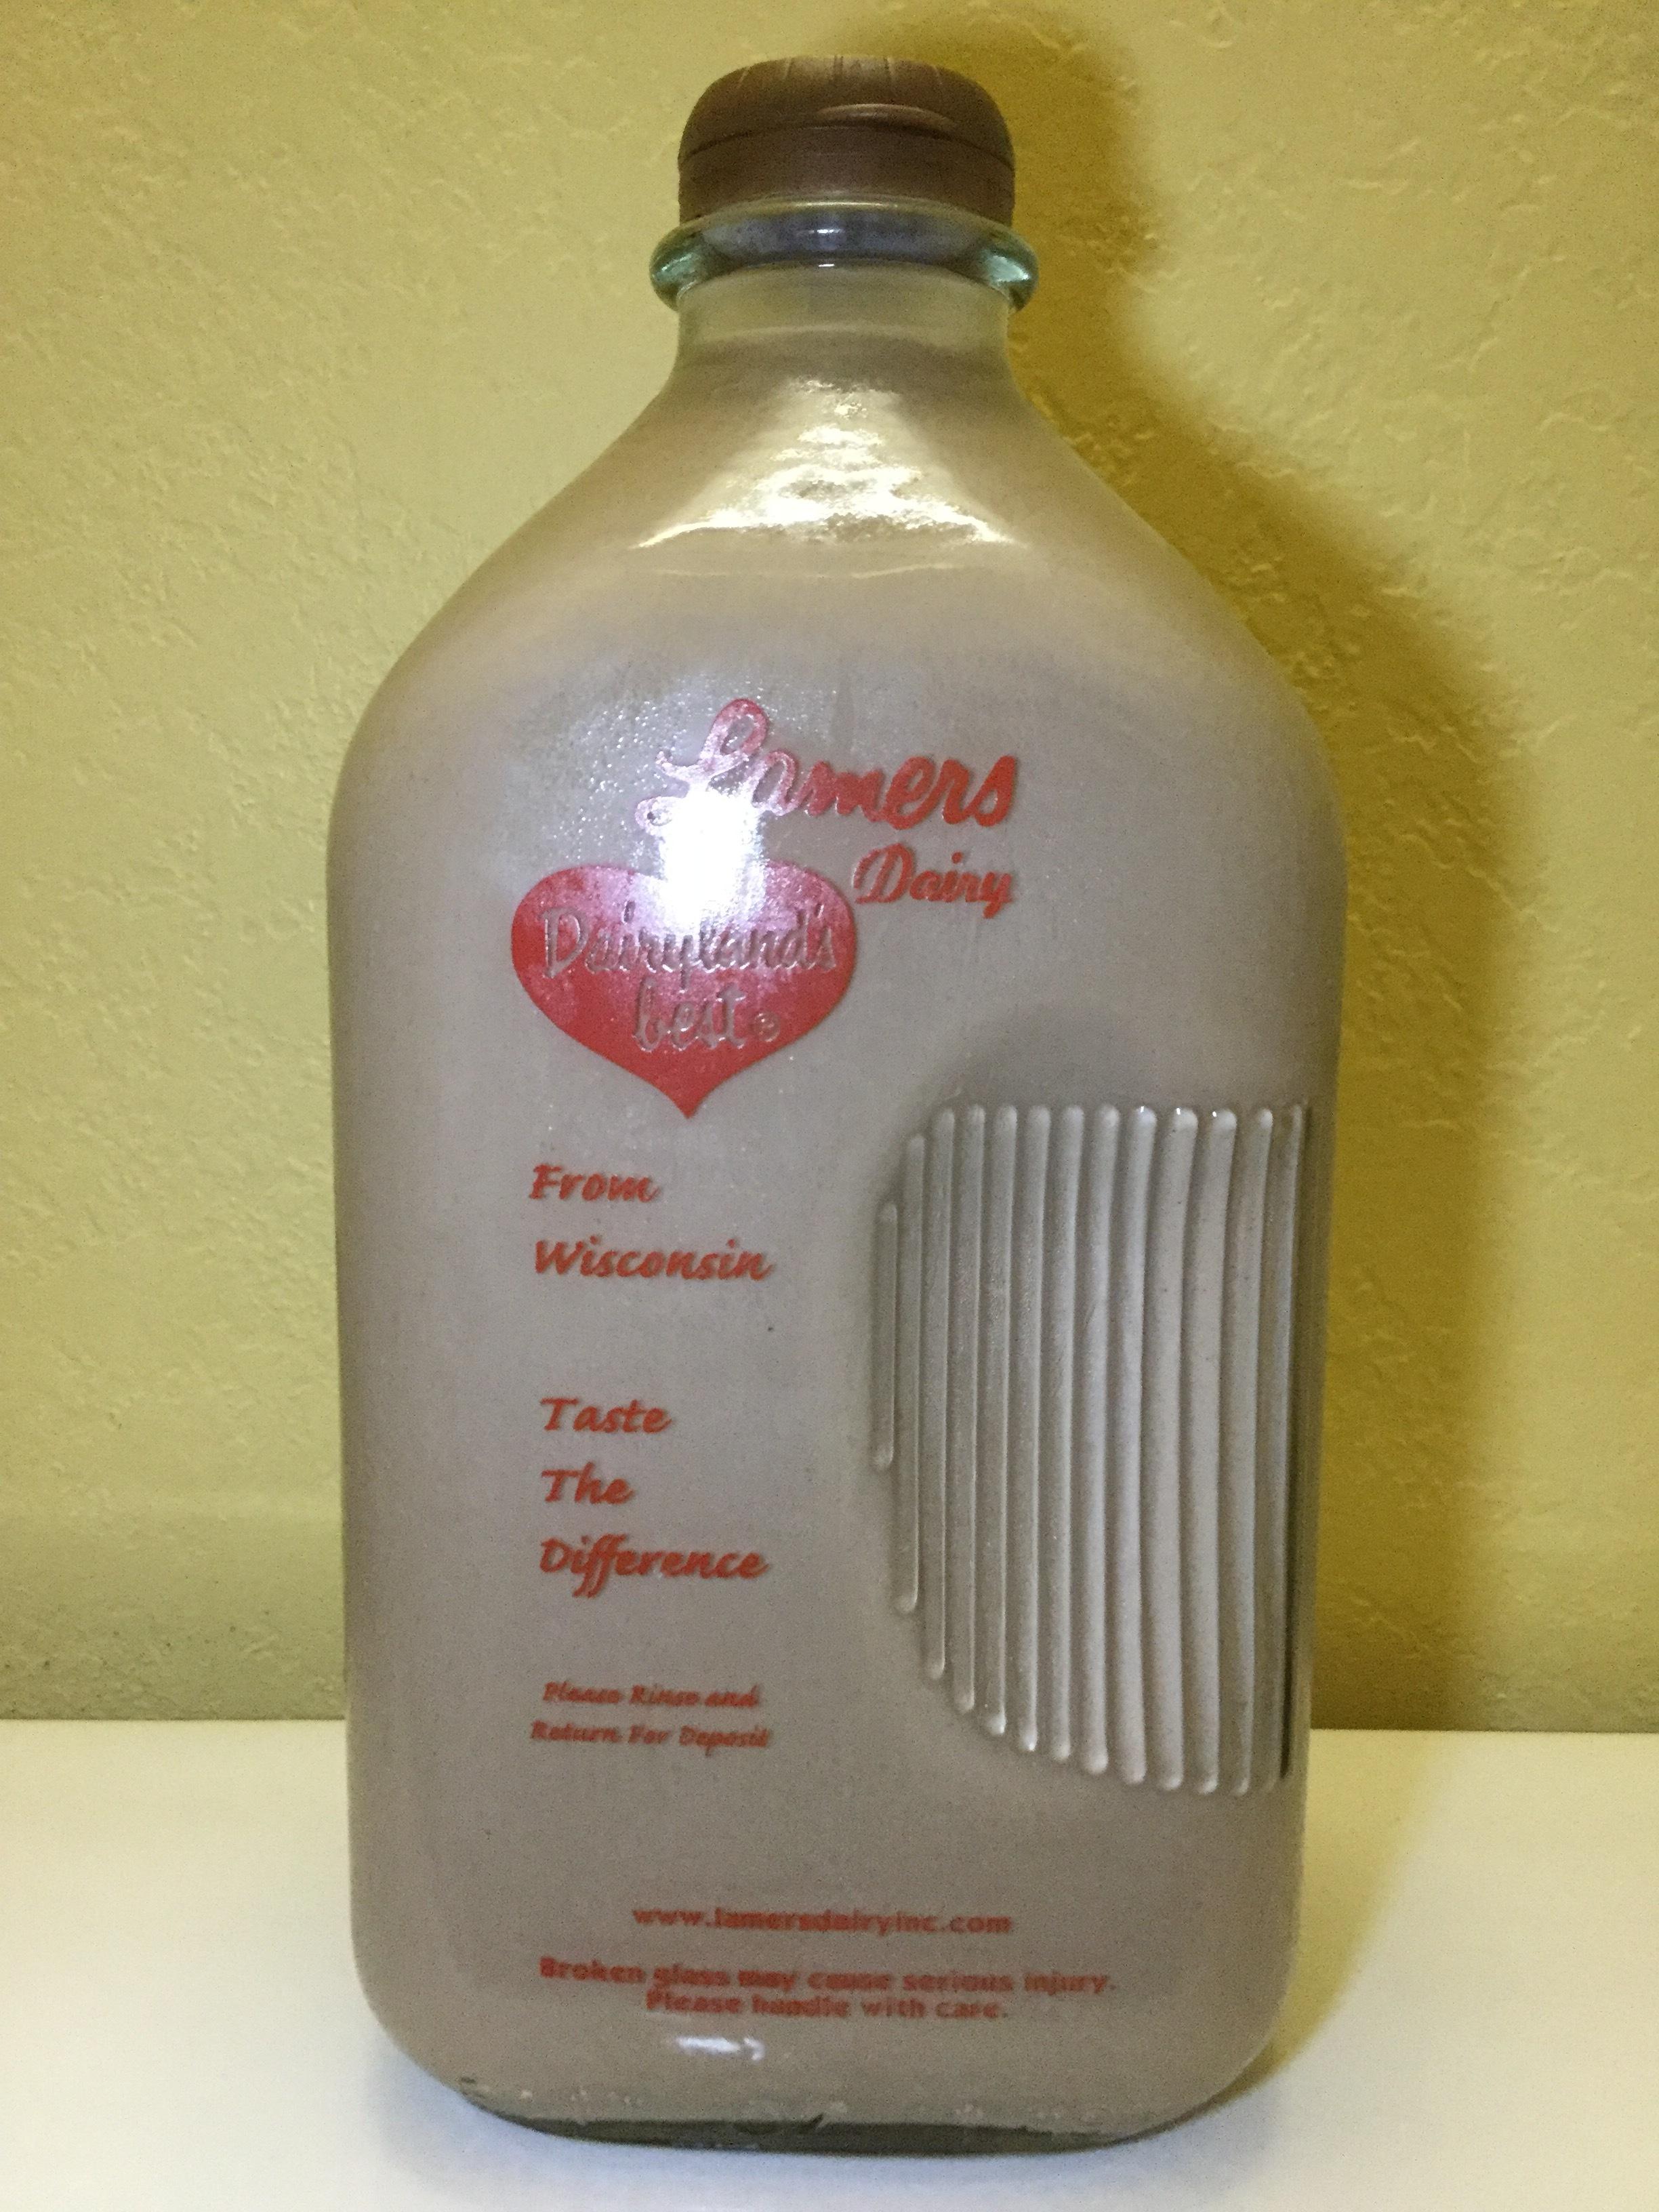 Lamers Dairy Chocolate Milk Side 1